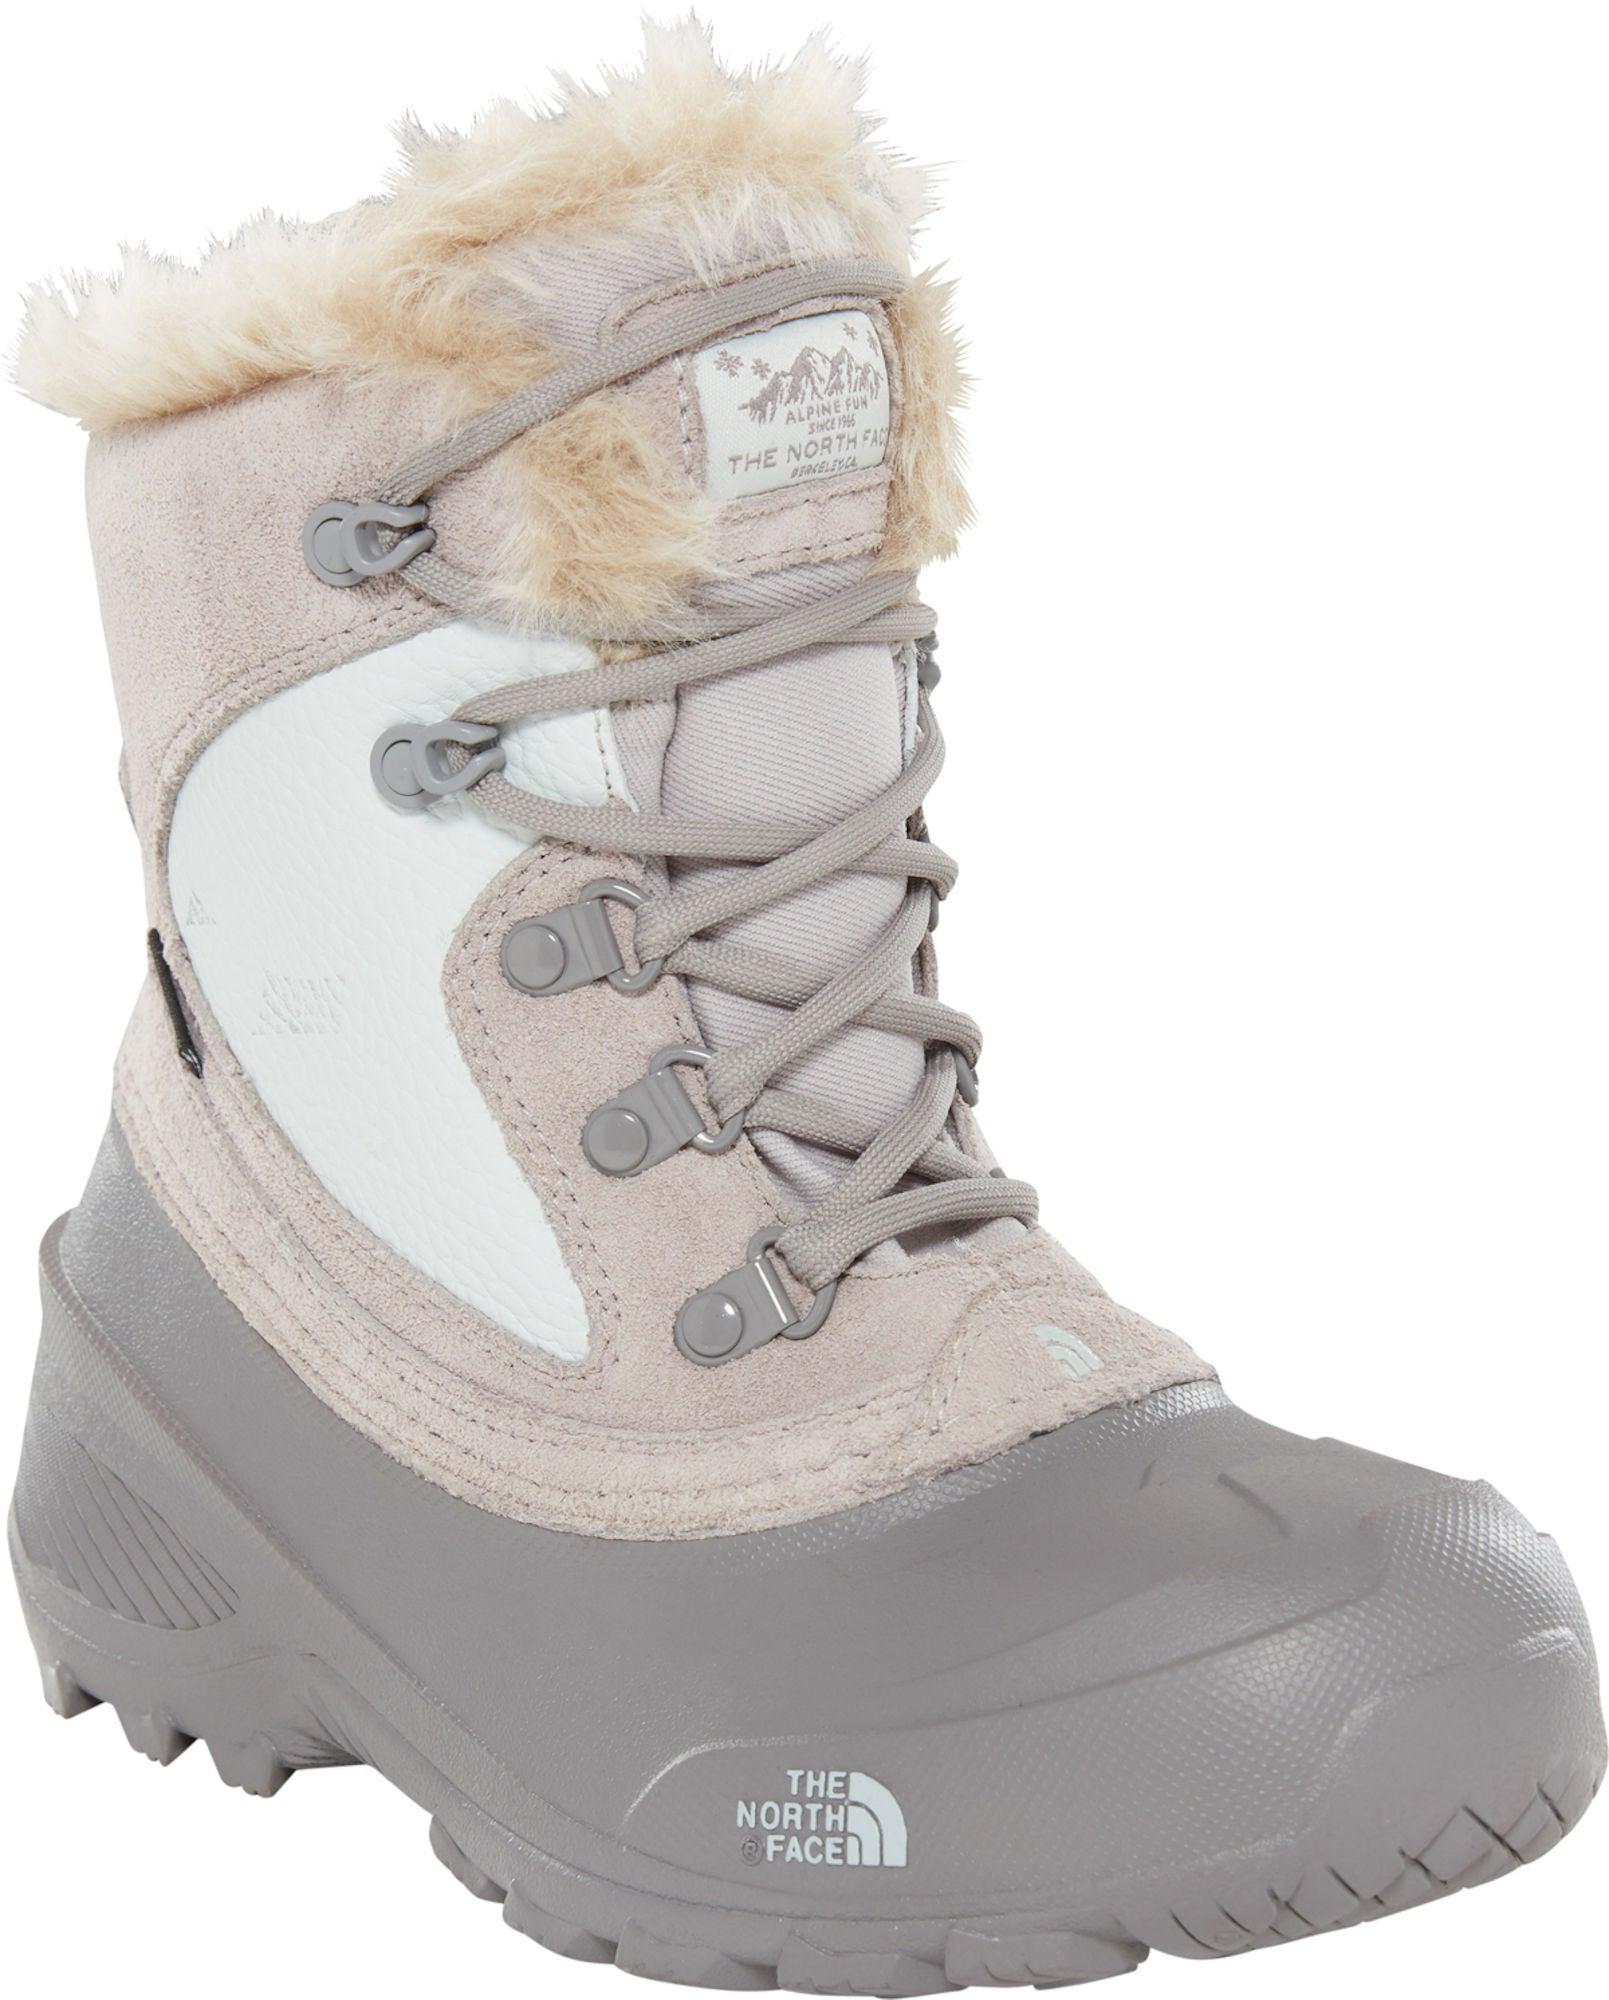 2d62969b696 Køb The North Face Youth Shlista Extreme Vinterstøvler, Foil Grey/ Icee  Blue | Jollyroom